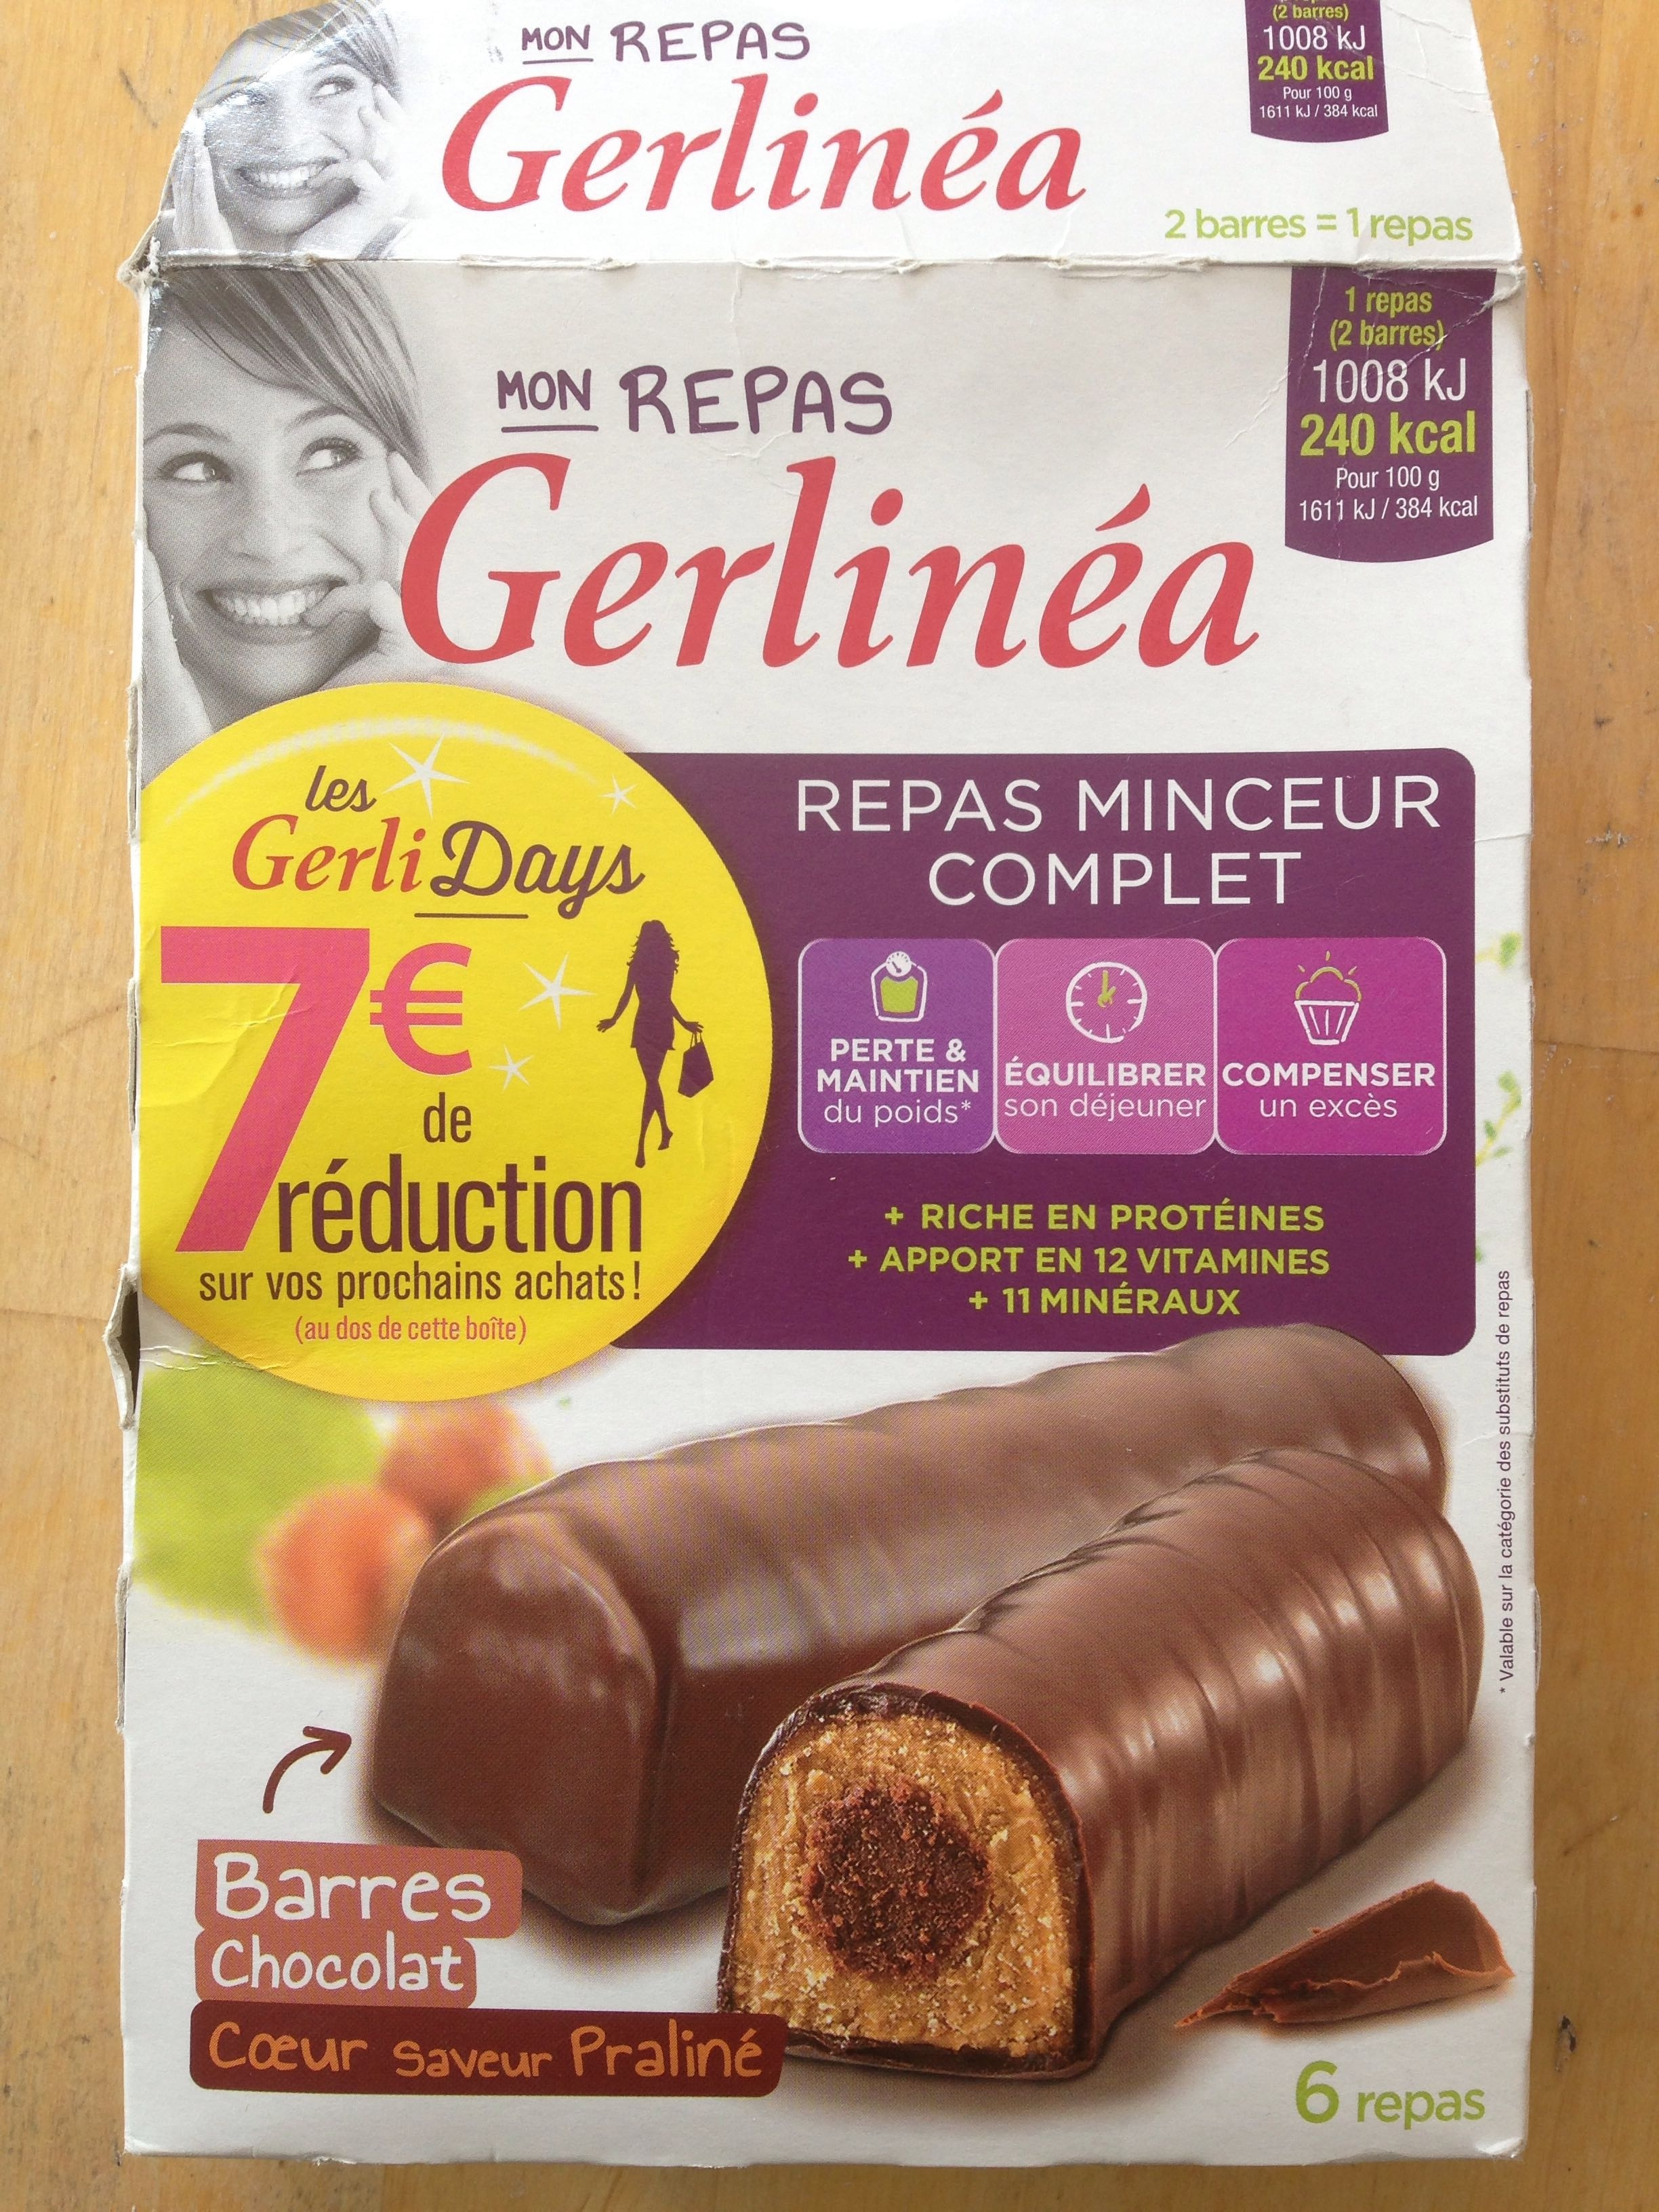 GERLINEA Barre repas choc.gerlinea 372g – Phocéene de